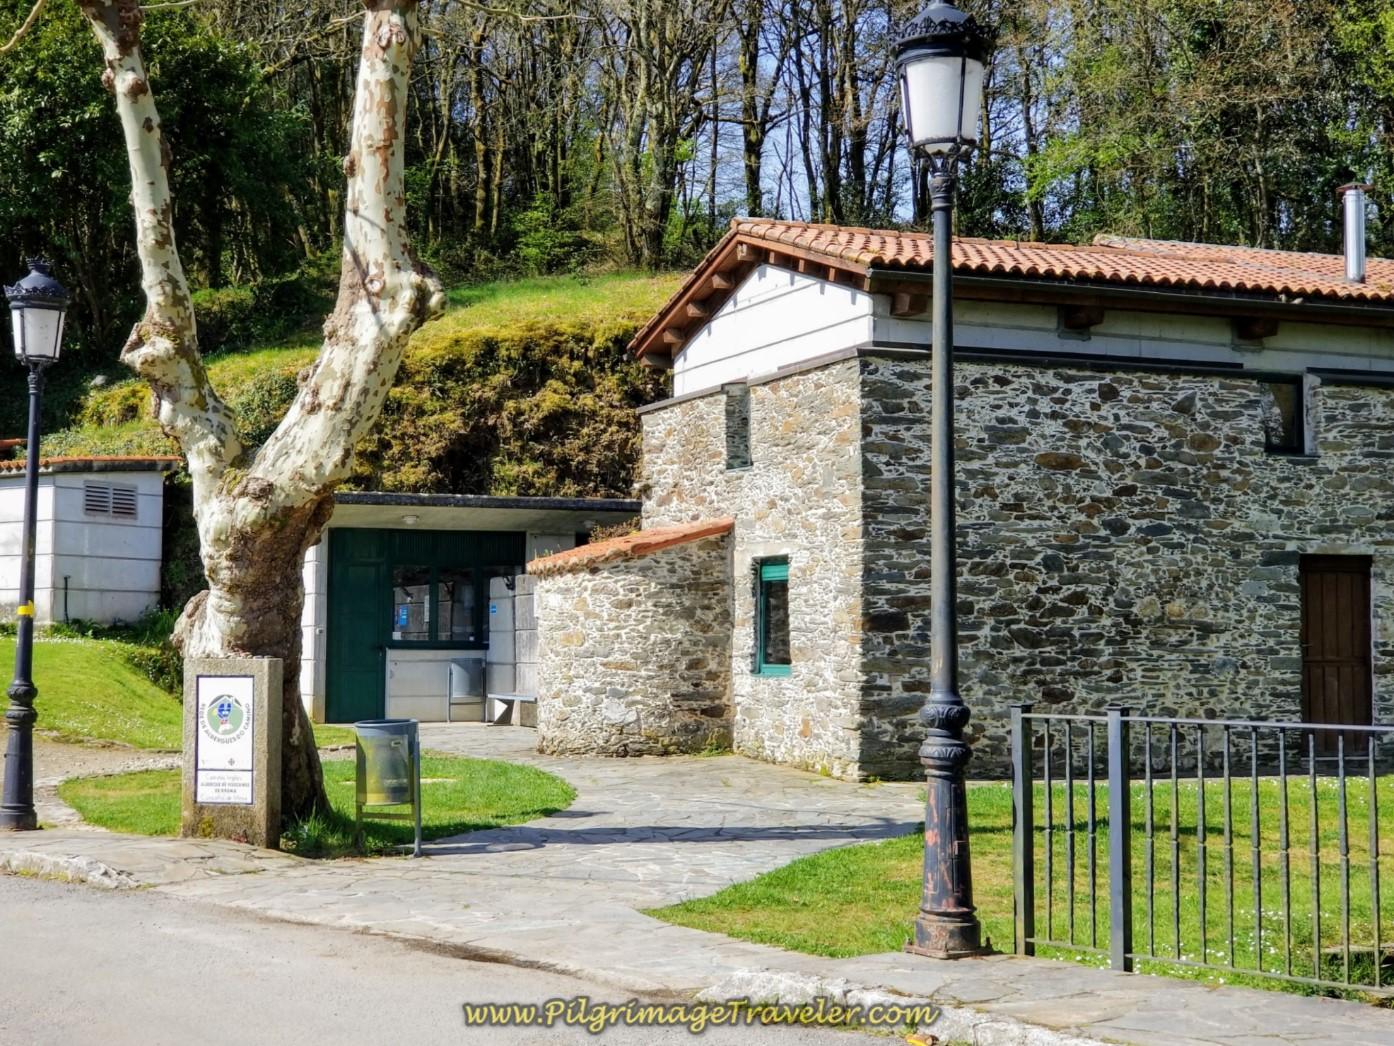 Albergue de Hospital de Bruma on day six of the English Way